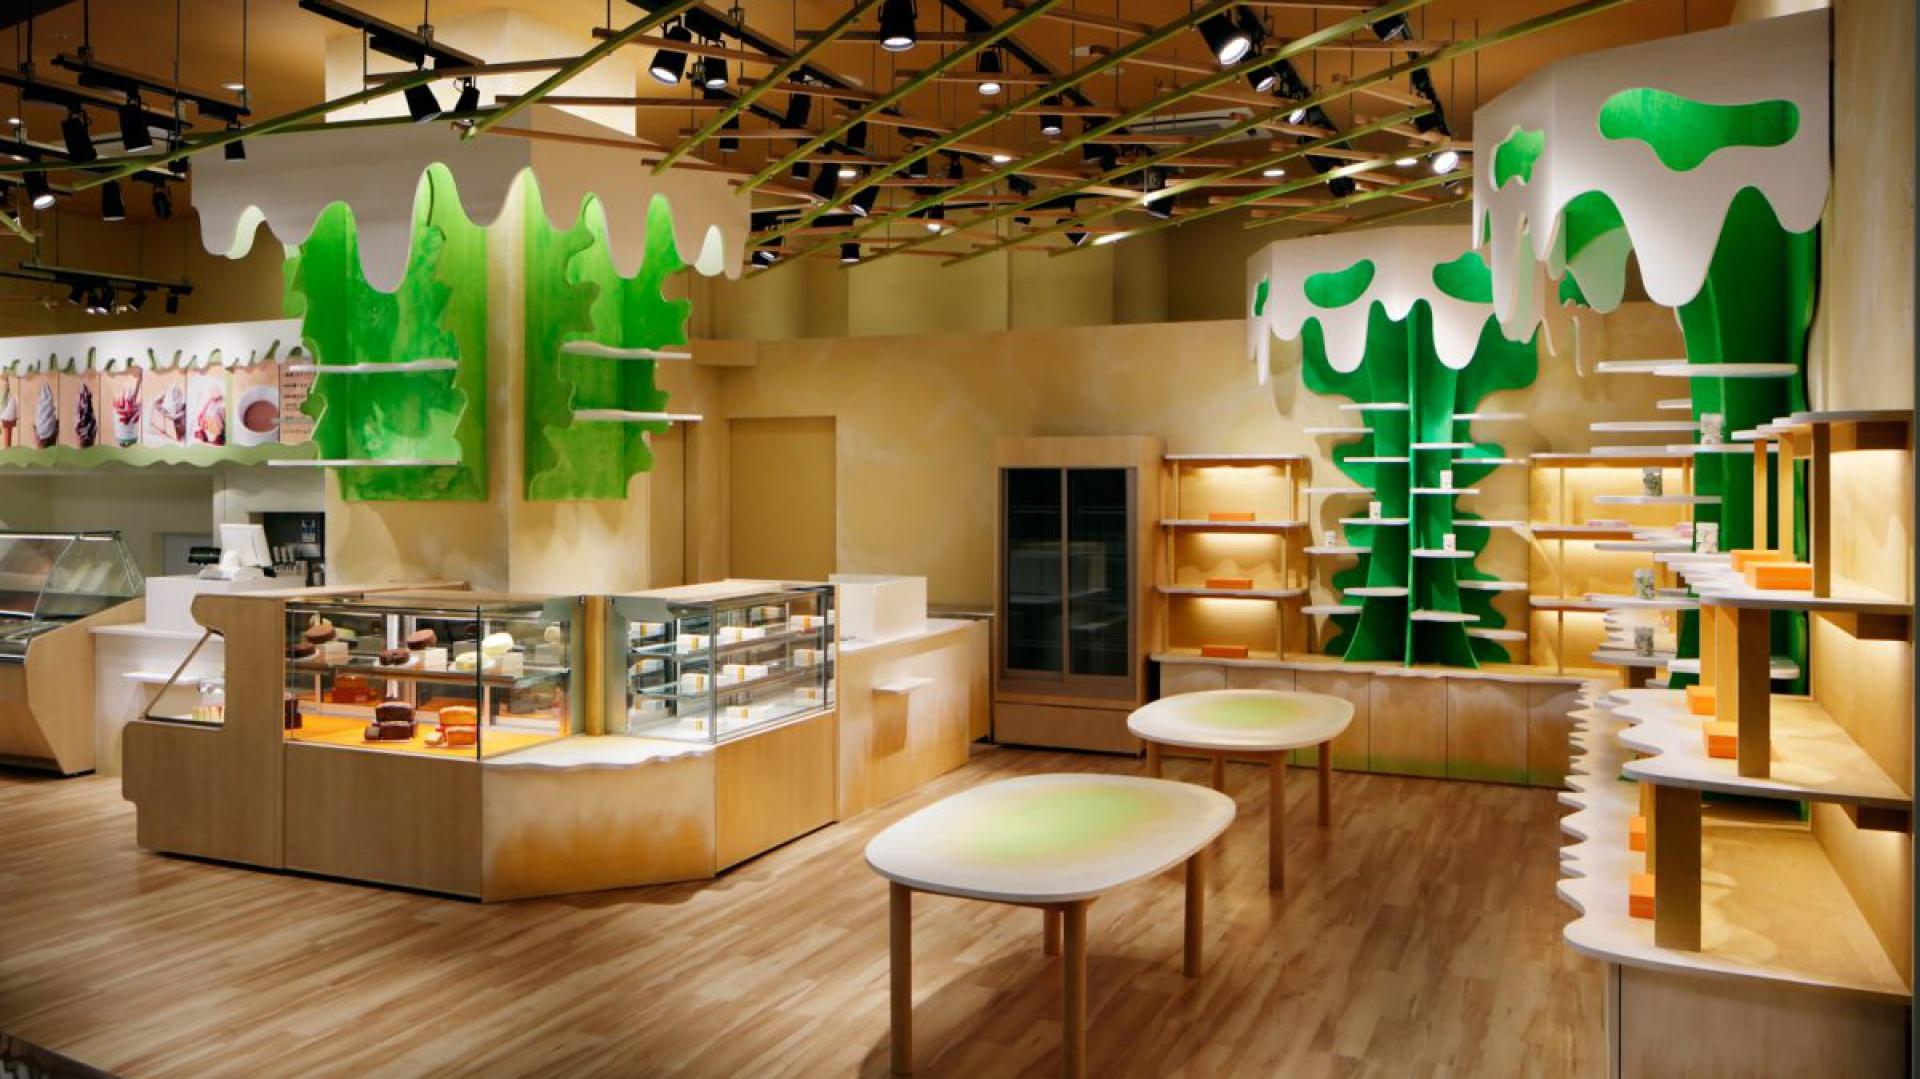 Uwagę klientów sklepu zwracają niesymetrycznie rozmieszczone konstrukcje imitujące drzewa, z których… kapie mleko. Fot. Architects Moriyuki Ochiai